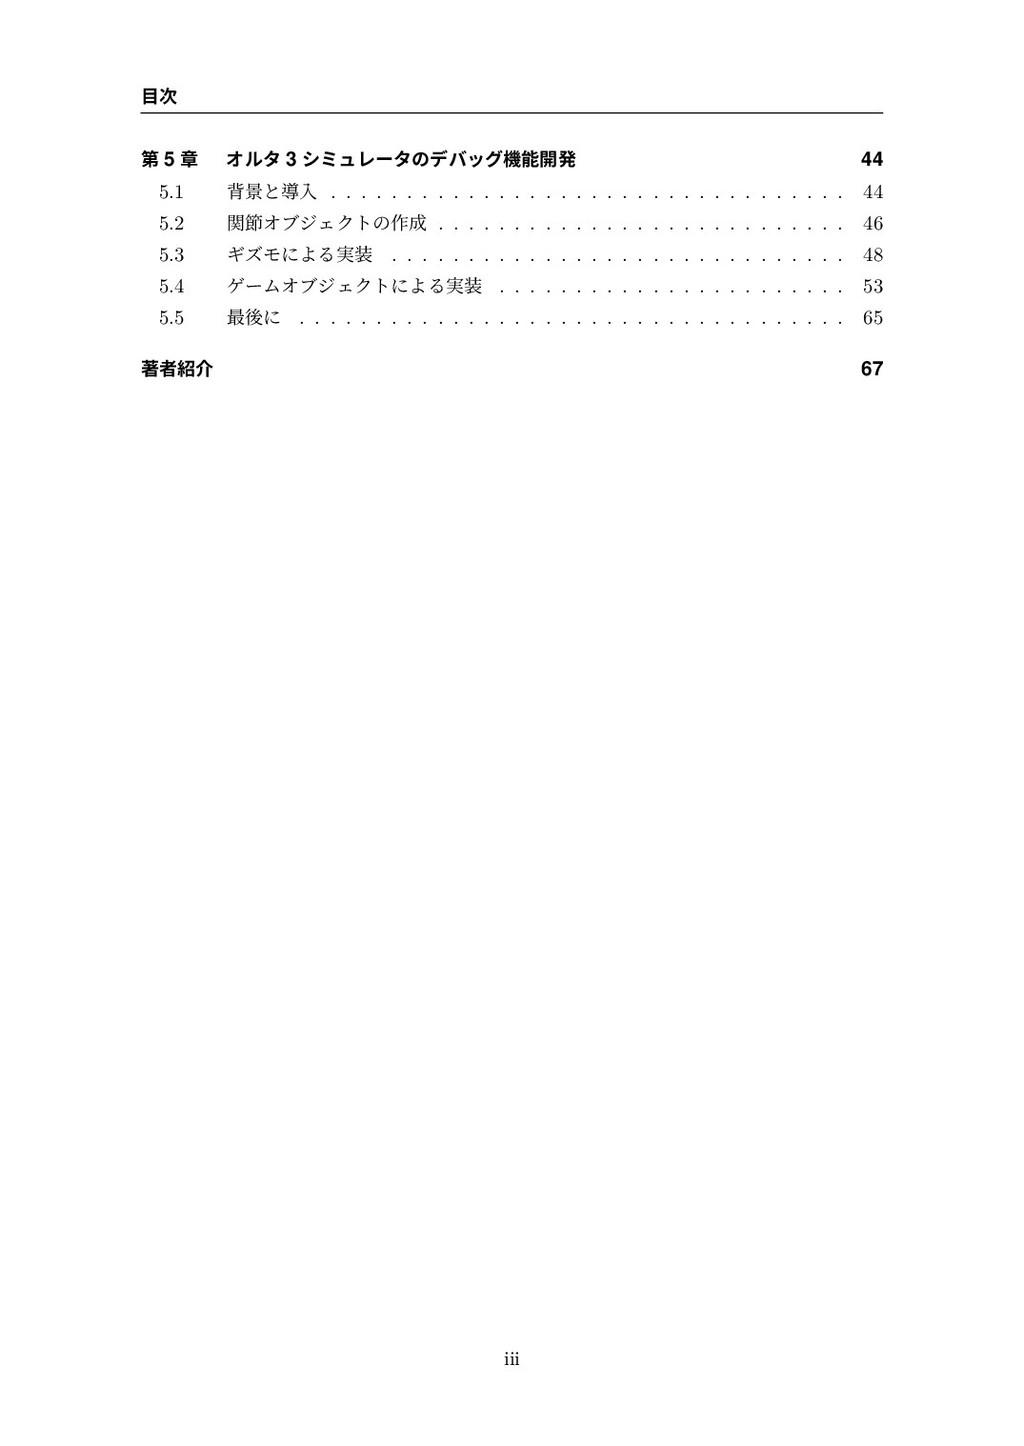 ⽬次 第 5 章 オルタ 3 シミュレータのデバッグ機能開発 44 5.1 背景と導⼊ . ....